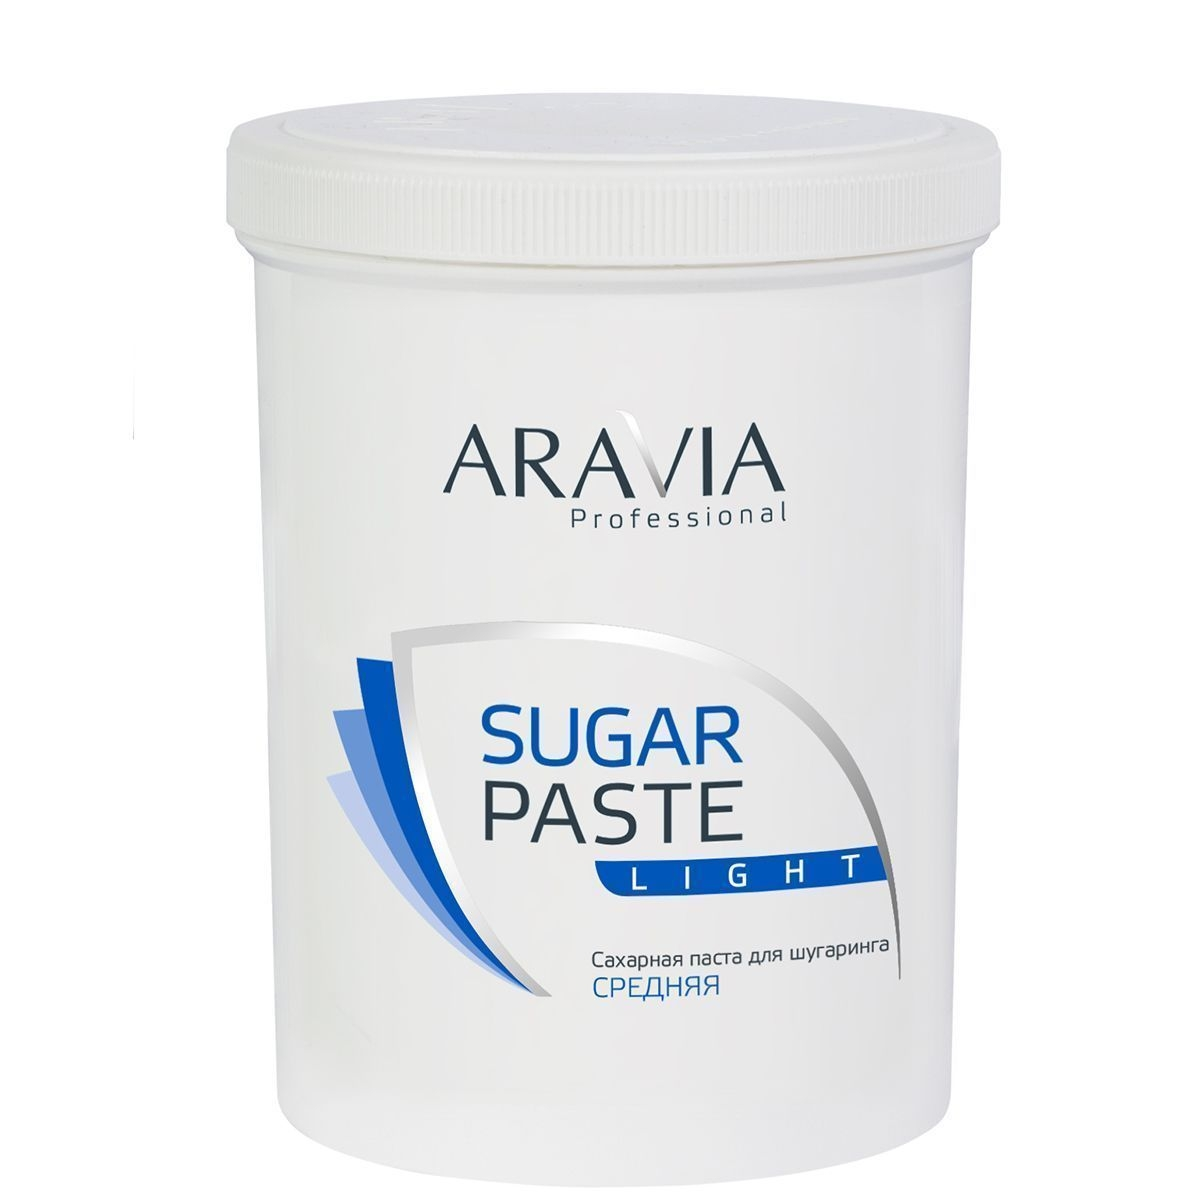 ARAVIA Паста Sugar Paste Сахарная для Депиляции Легкая Средней Консистенции, 1500г